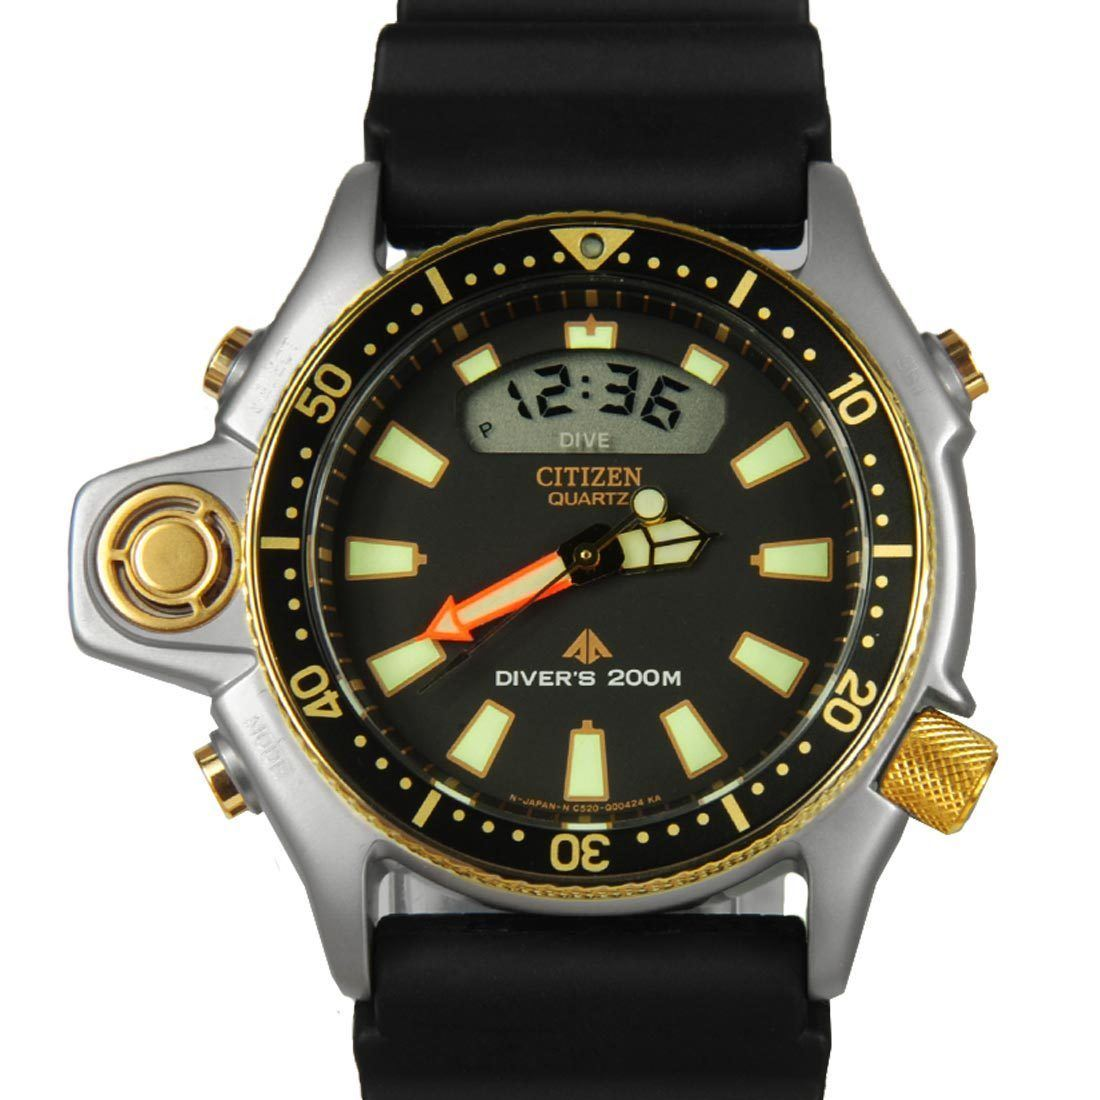 Citizen promaster divers jp2000 08e jp2004 07e jp1010 00e ebay - Citizen promaster dive watch ...